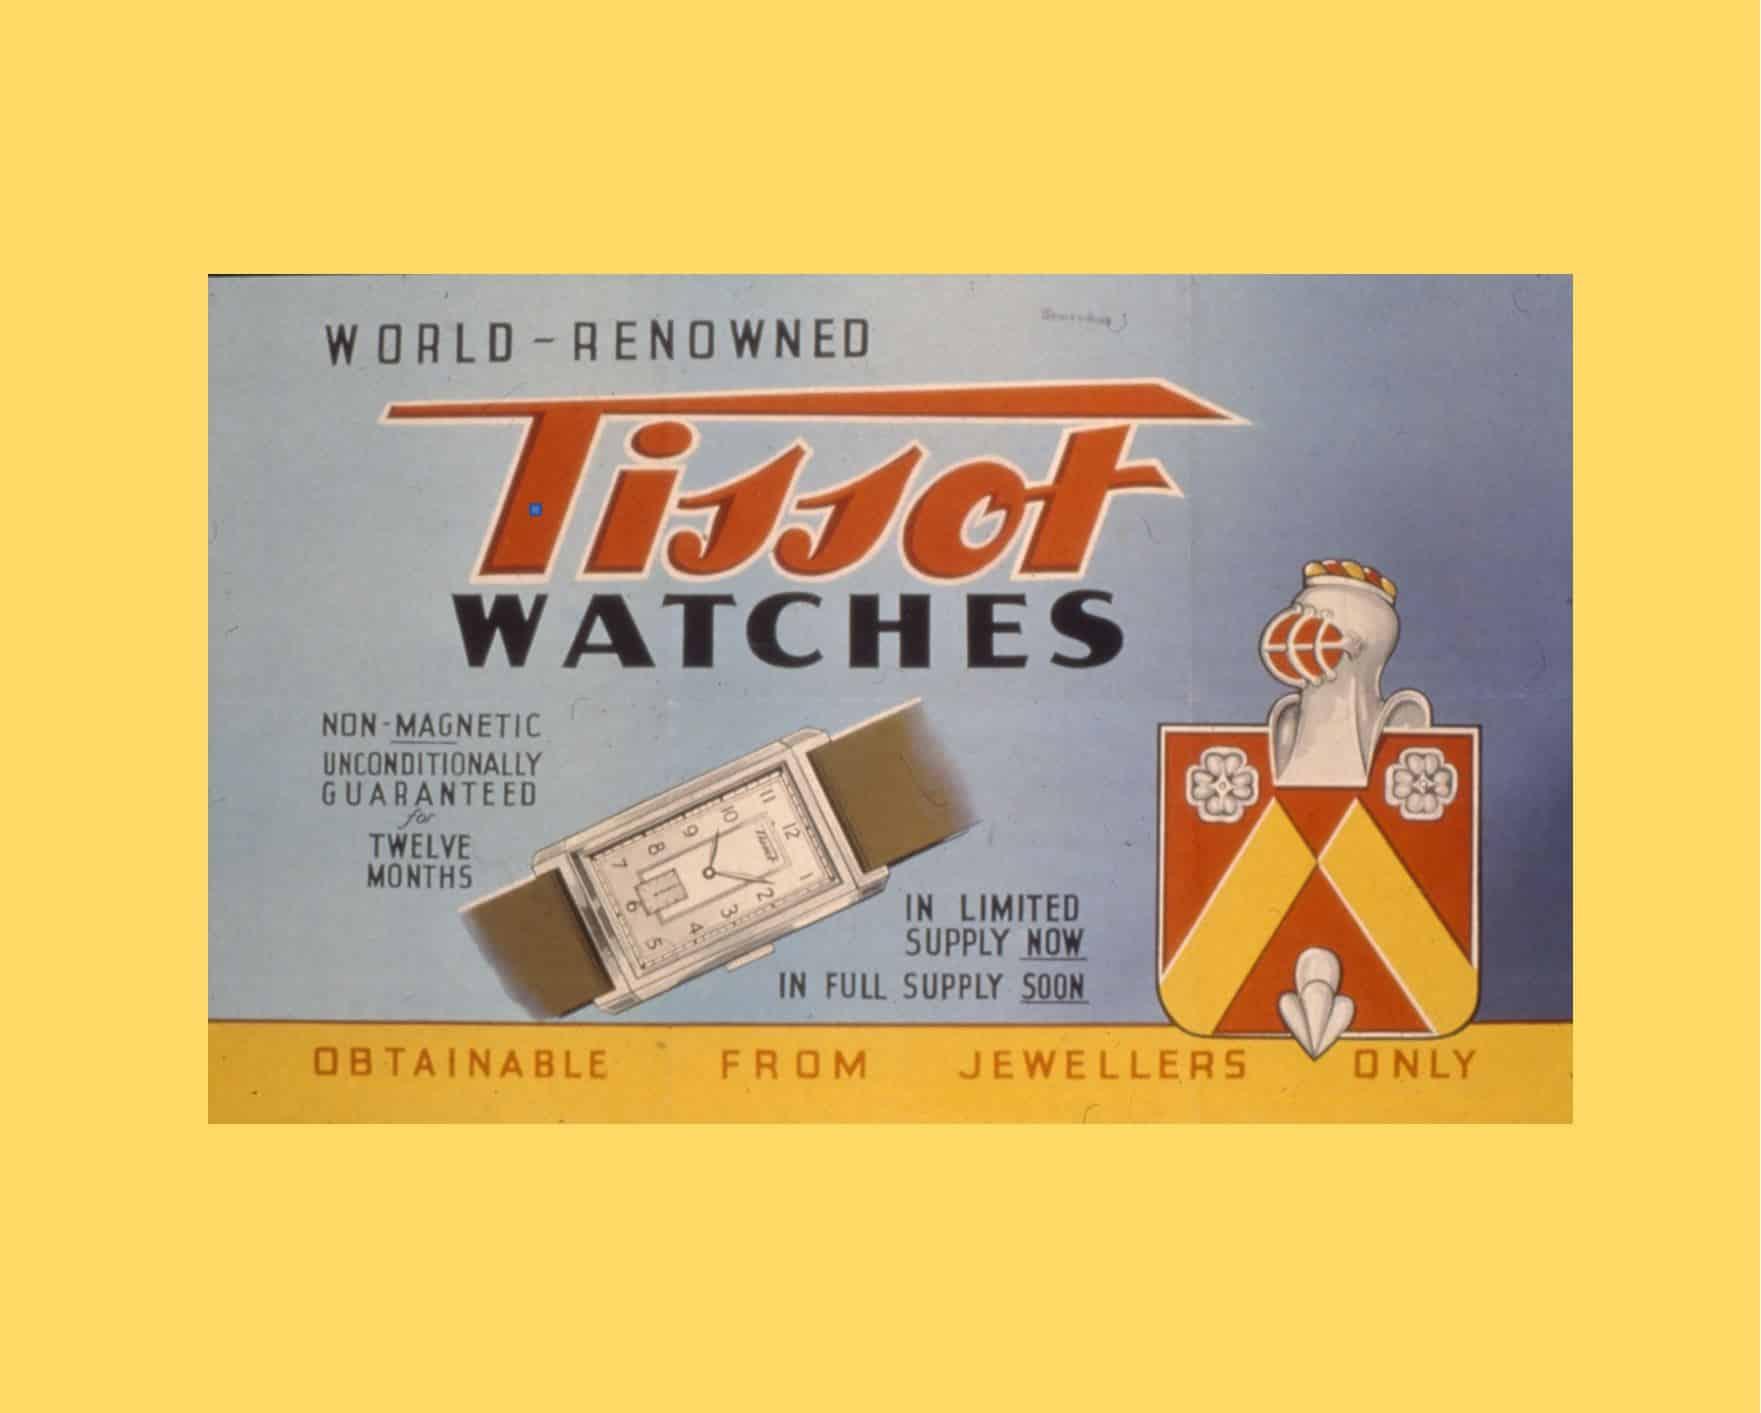 Alte Anzeigenmotive und ihre Geschichte - TissotTissot Banana: Diese Vintage Uhr hat Ecken und Kanten